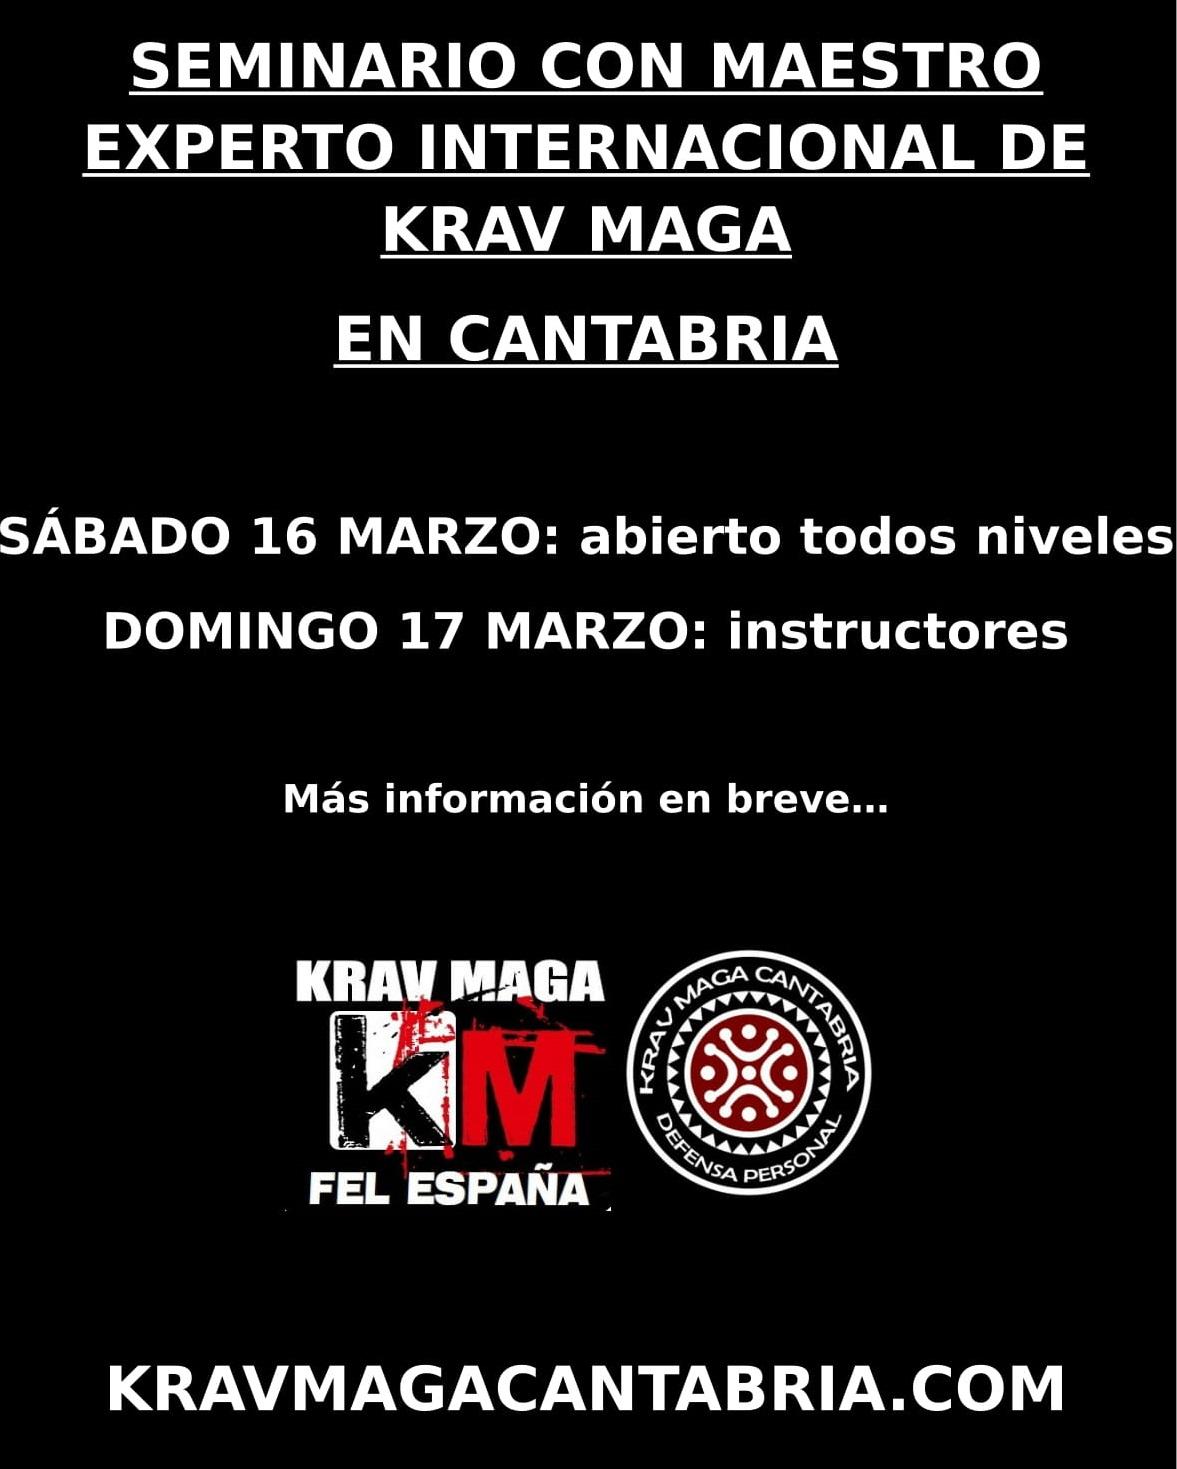 SEMINARIO INTERNACIONAL DE KRAV MAGA 1.0-1